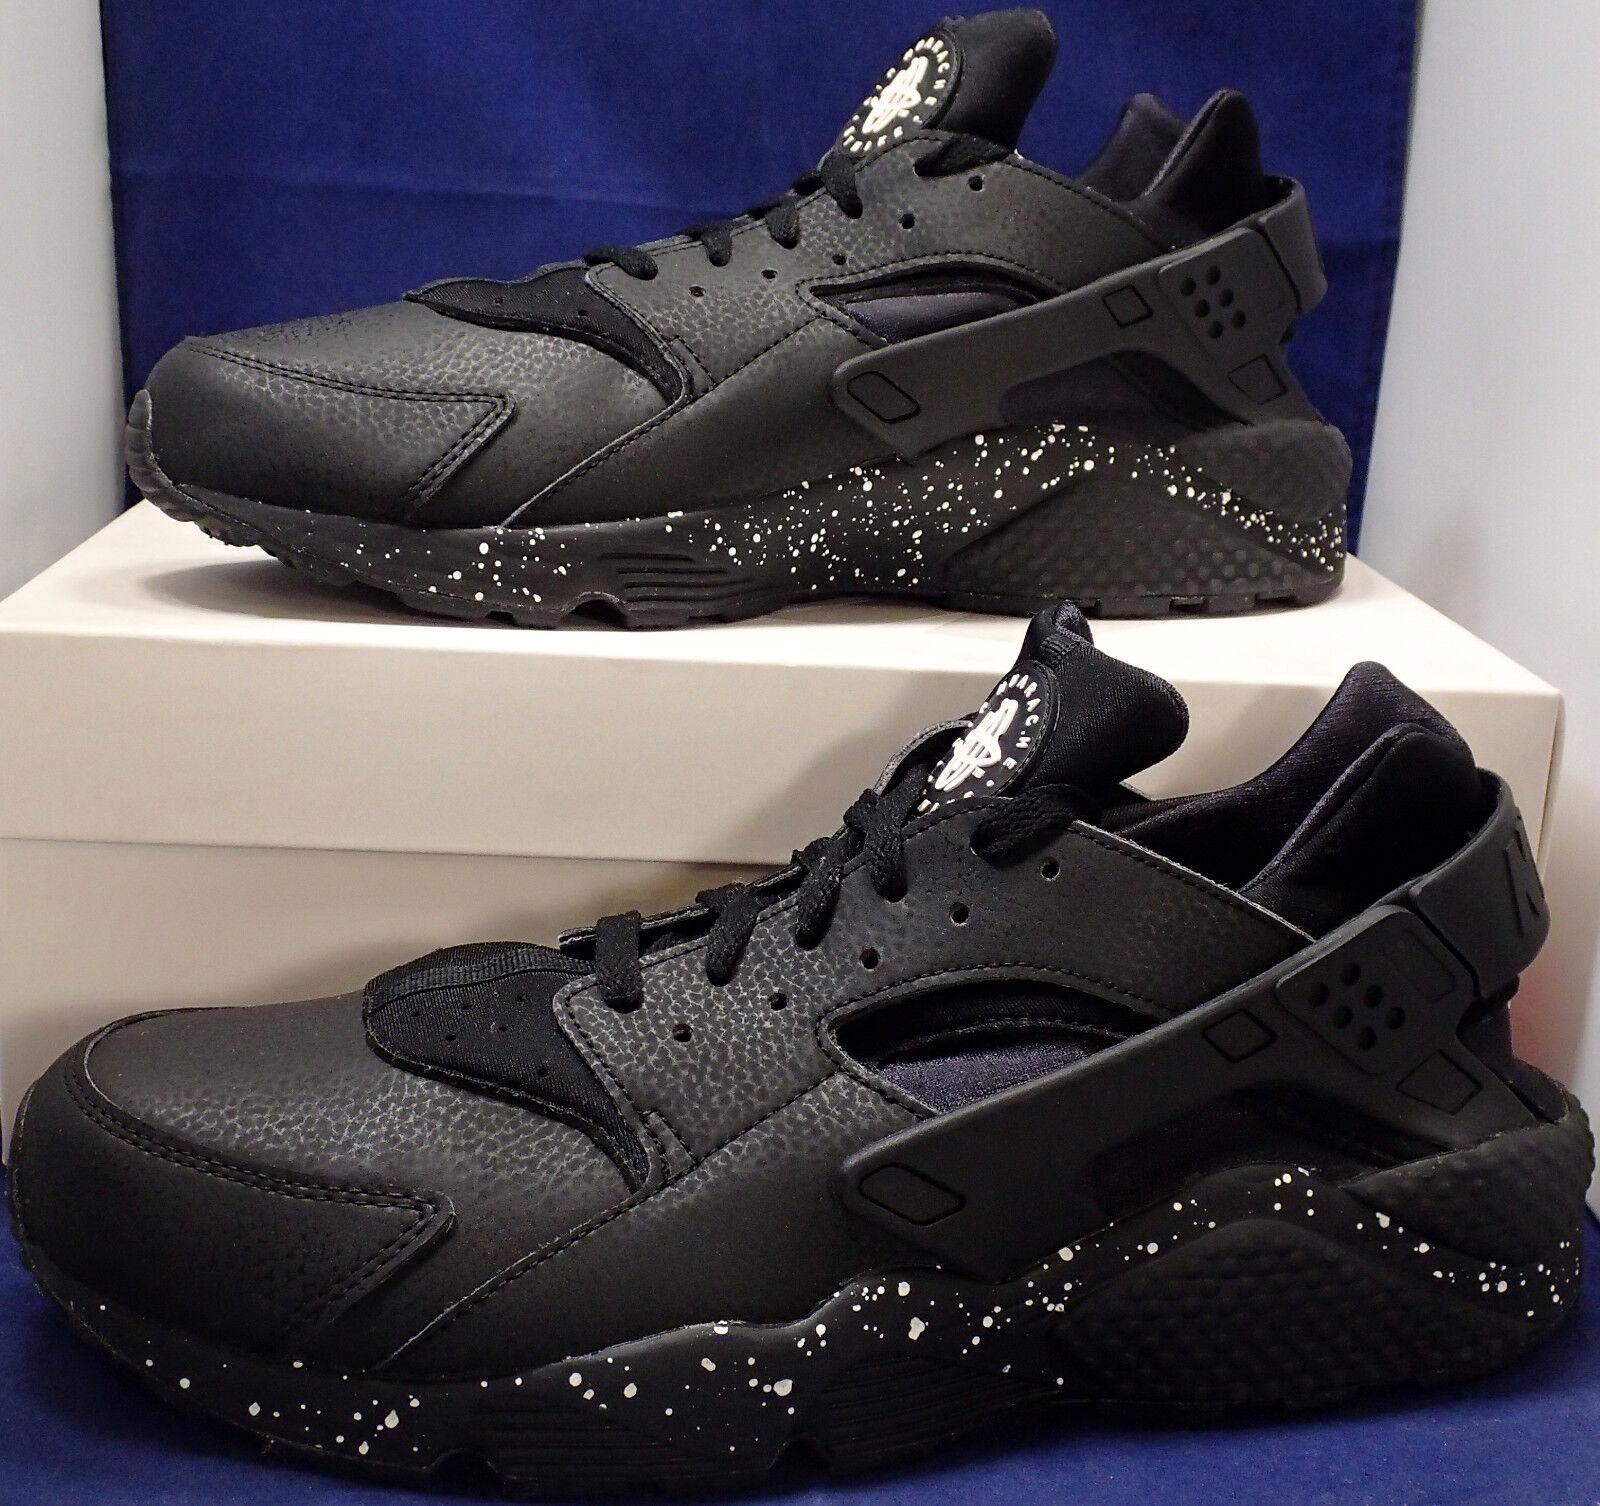 Nike Air Huarache SZ Run iD Black White SZ Huarache 12 ( 777330-903 ) f64084